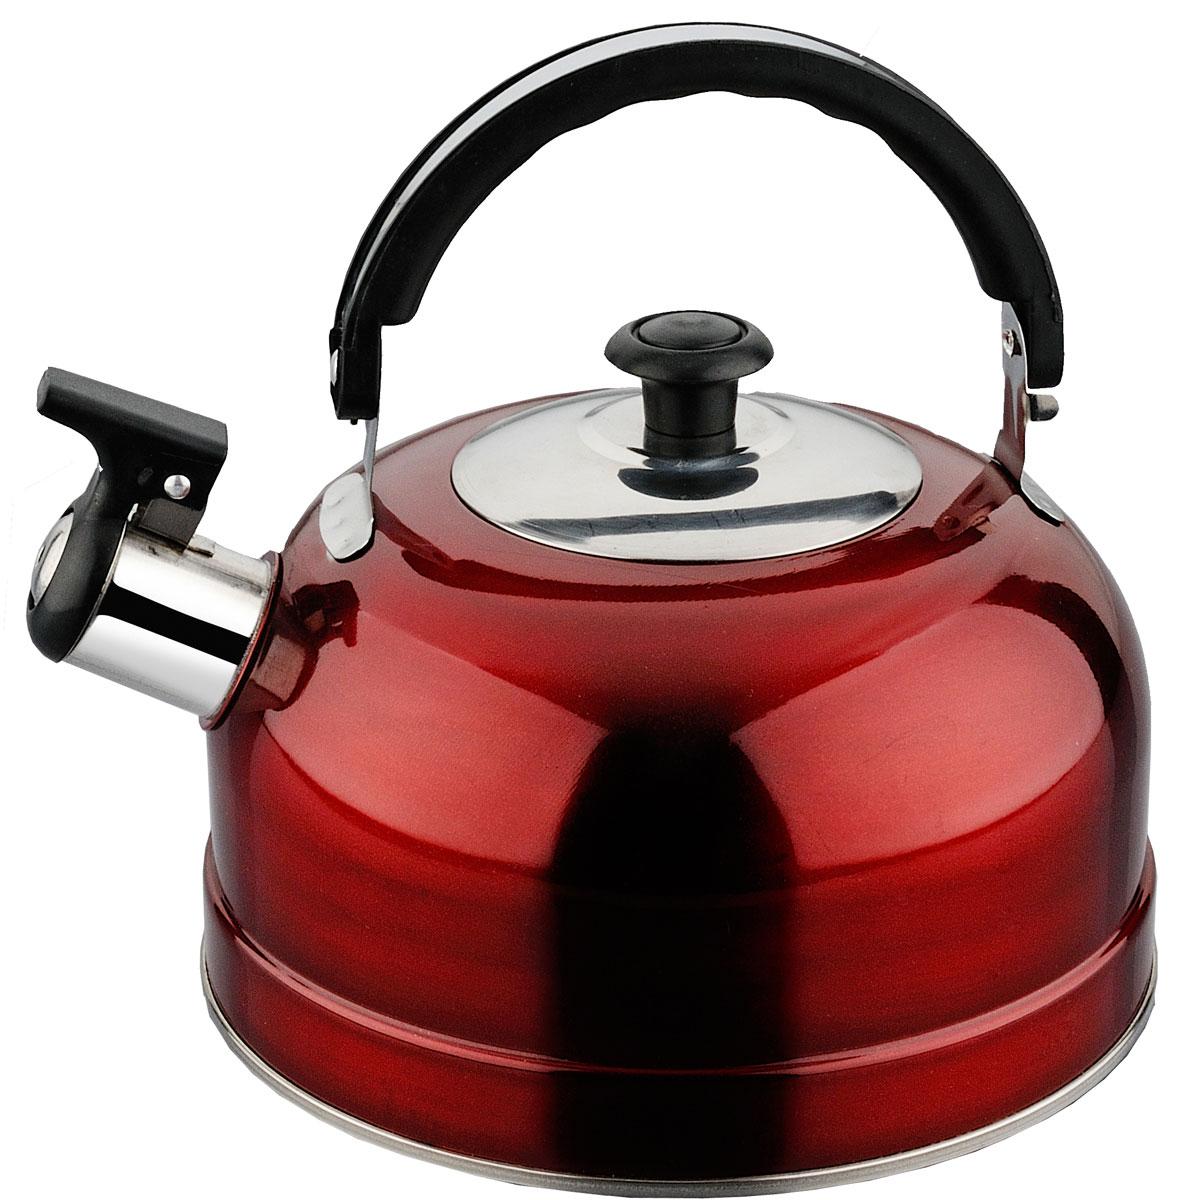 Чайник Irit, со свистком, цвет: красный, 2,5 лIRH-418 красныйЧайник Irit изготовлен из высококачественной нержавеющей стали, имеет однослойное дно. Нержавеющая сталь обладает высокой устойчивостью к коррозии, не вступает в реакцию с холодными и горячими продуктами и полностью сохраняет их вкусовые качества.Чайник оснащен удобной подвижной ручкой из термостойкого пластика, которая не нагревается. Носик чайника имеет откидной свисток, звуковой сигнал которого подскажет, когда закипит вода.